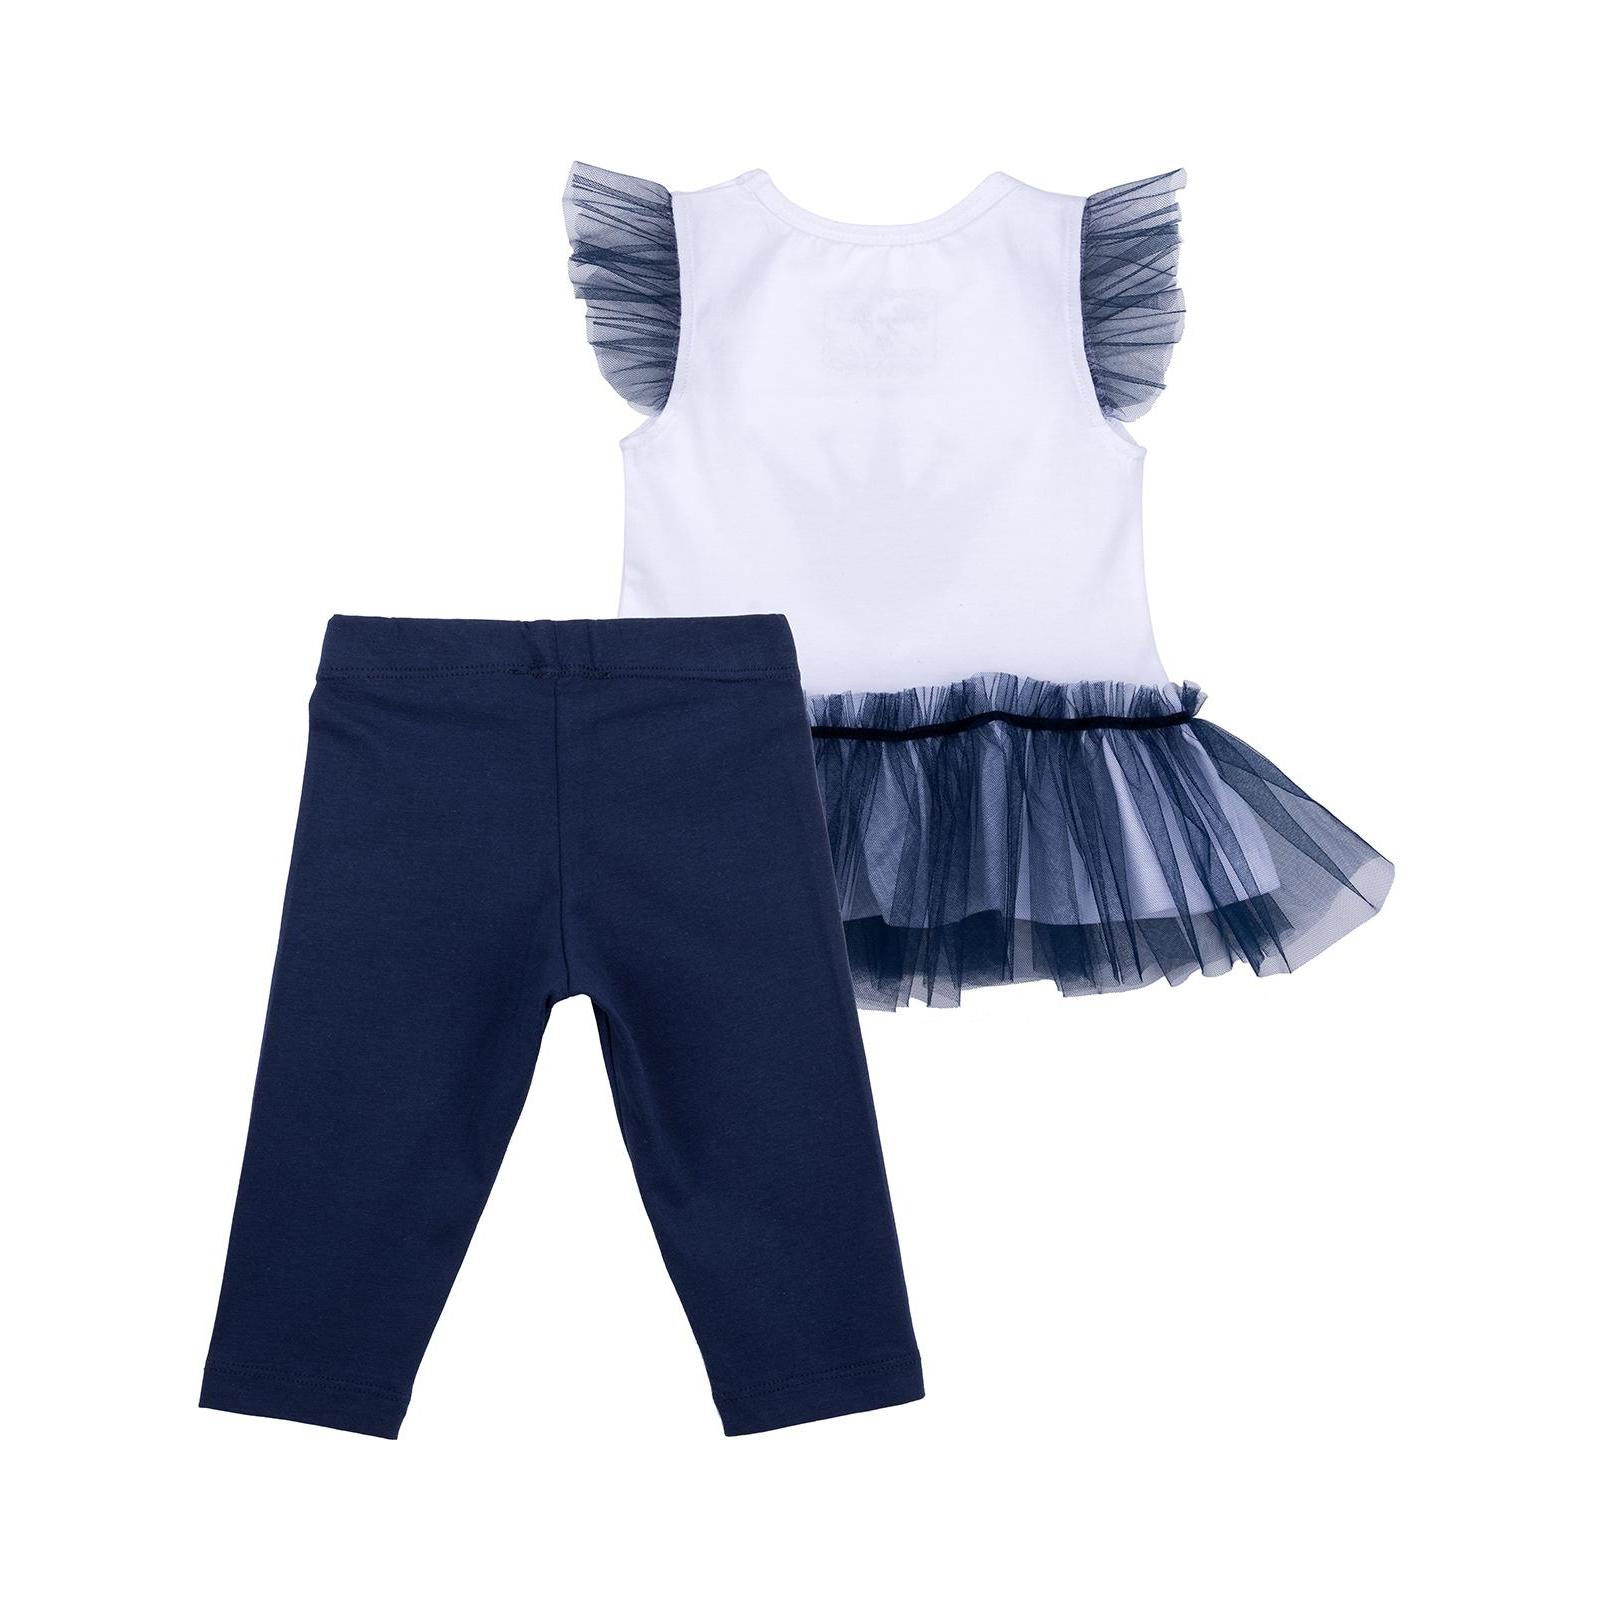 Набор детской одежды Breeze с коронкой (10869-110G-blue) изображение 4